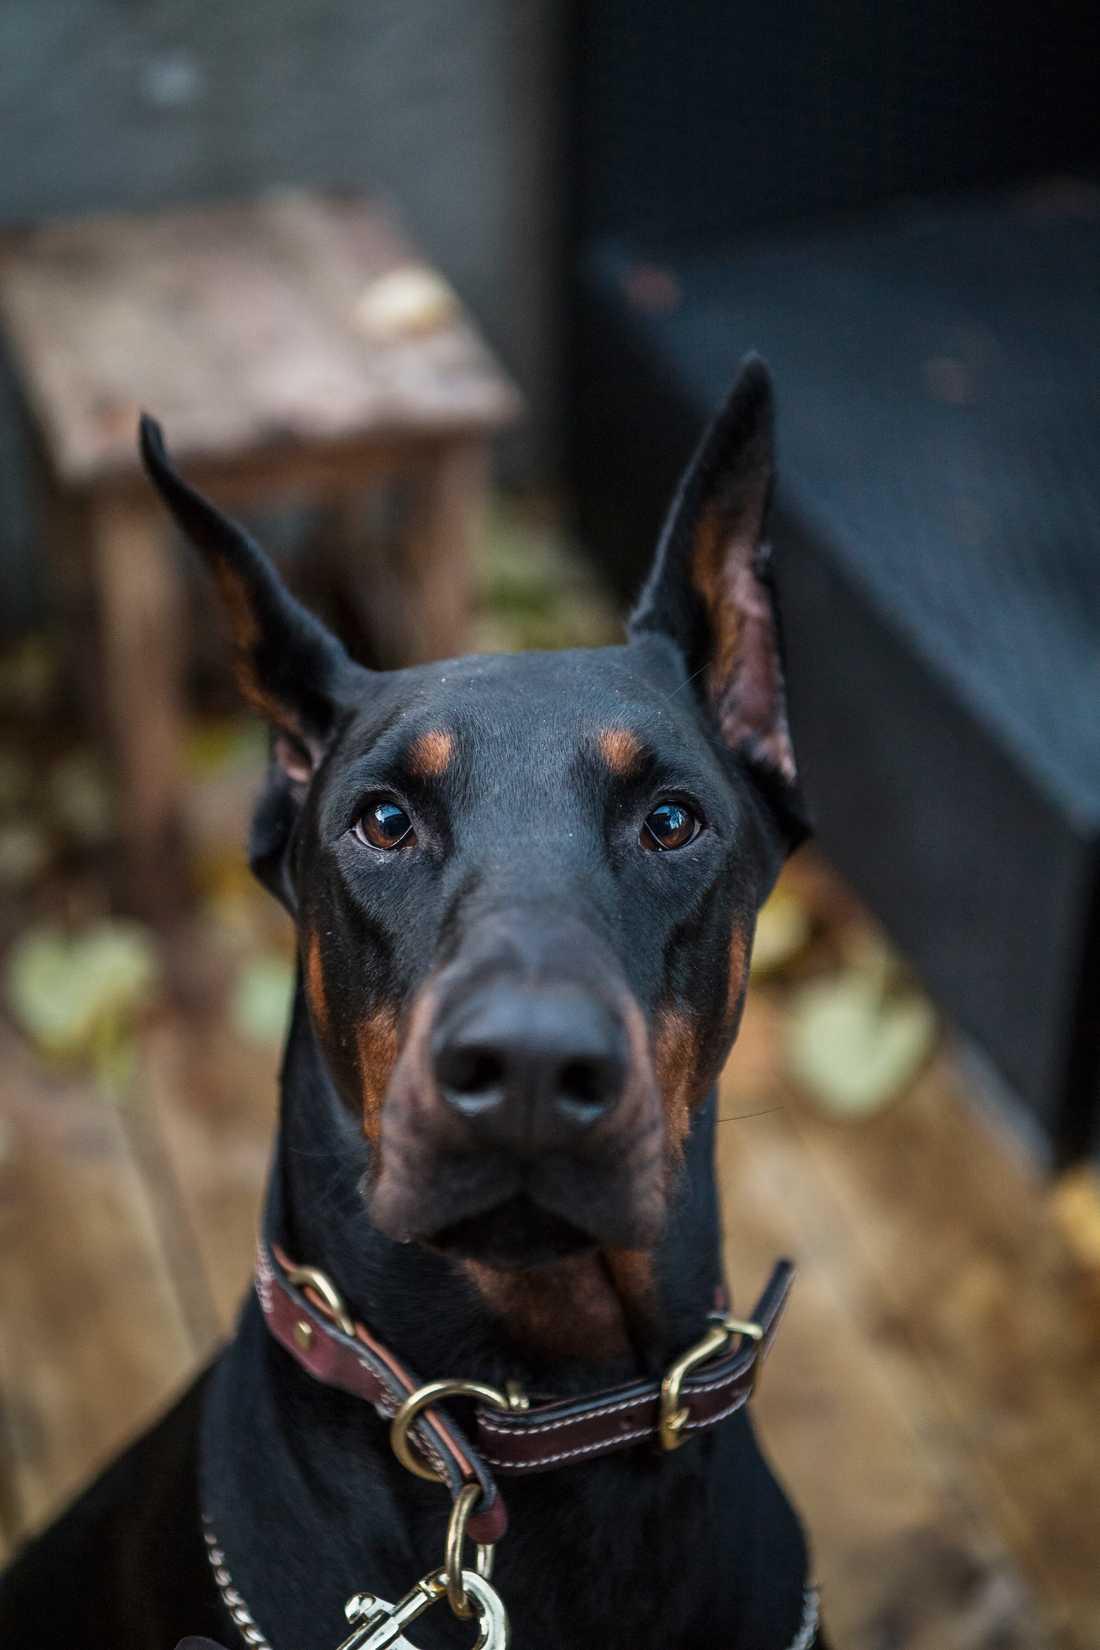 En hund kan ge oerhörd trygghet till någon som är utsatt för våld.